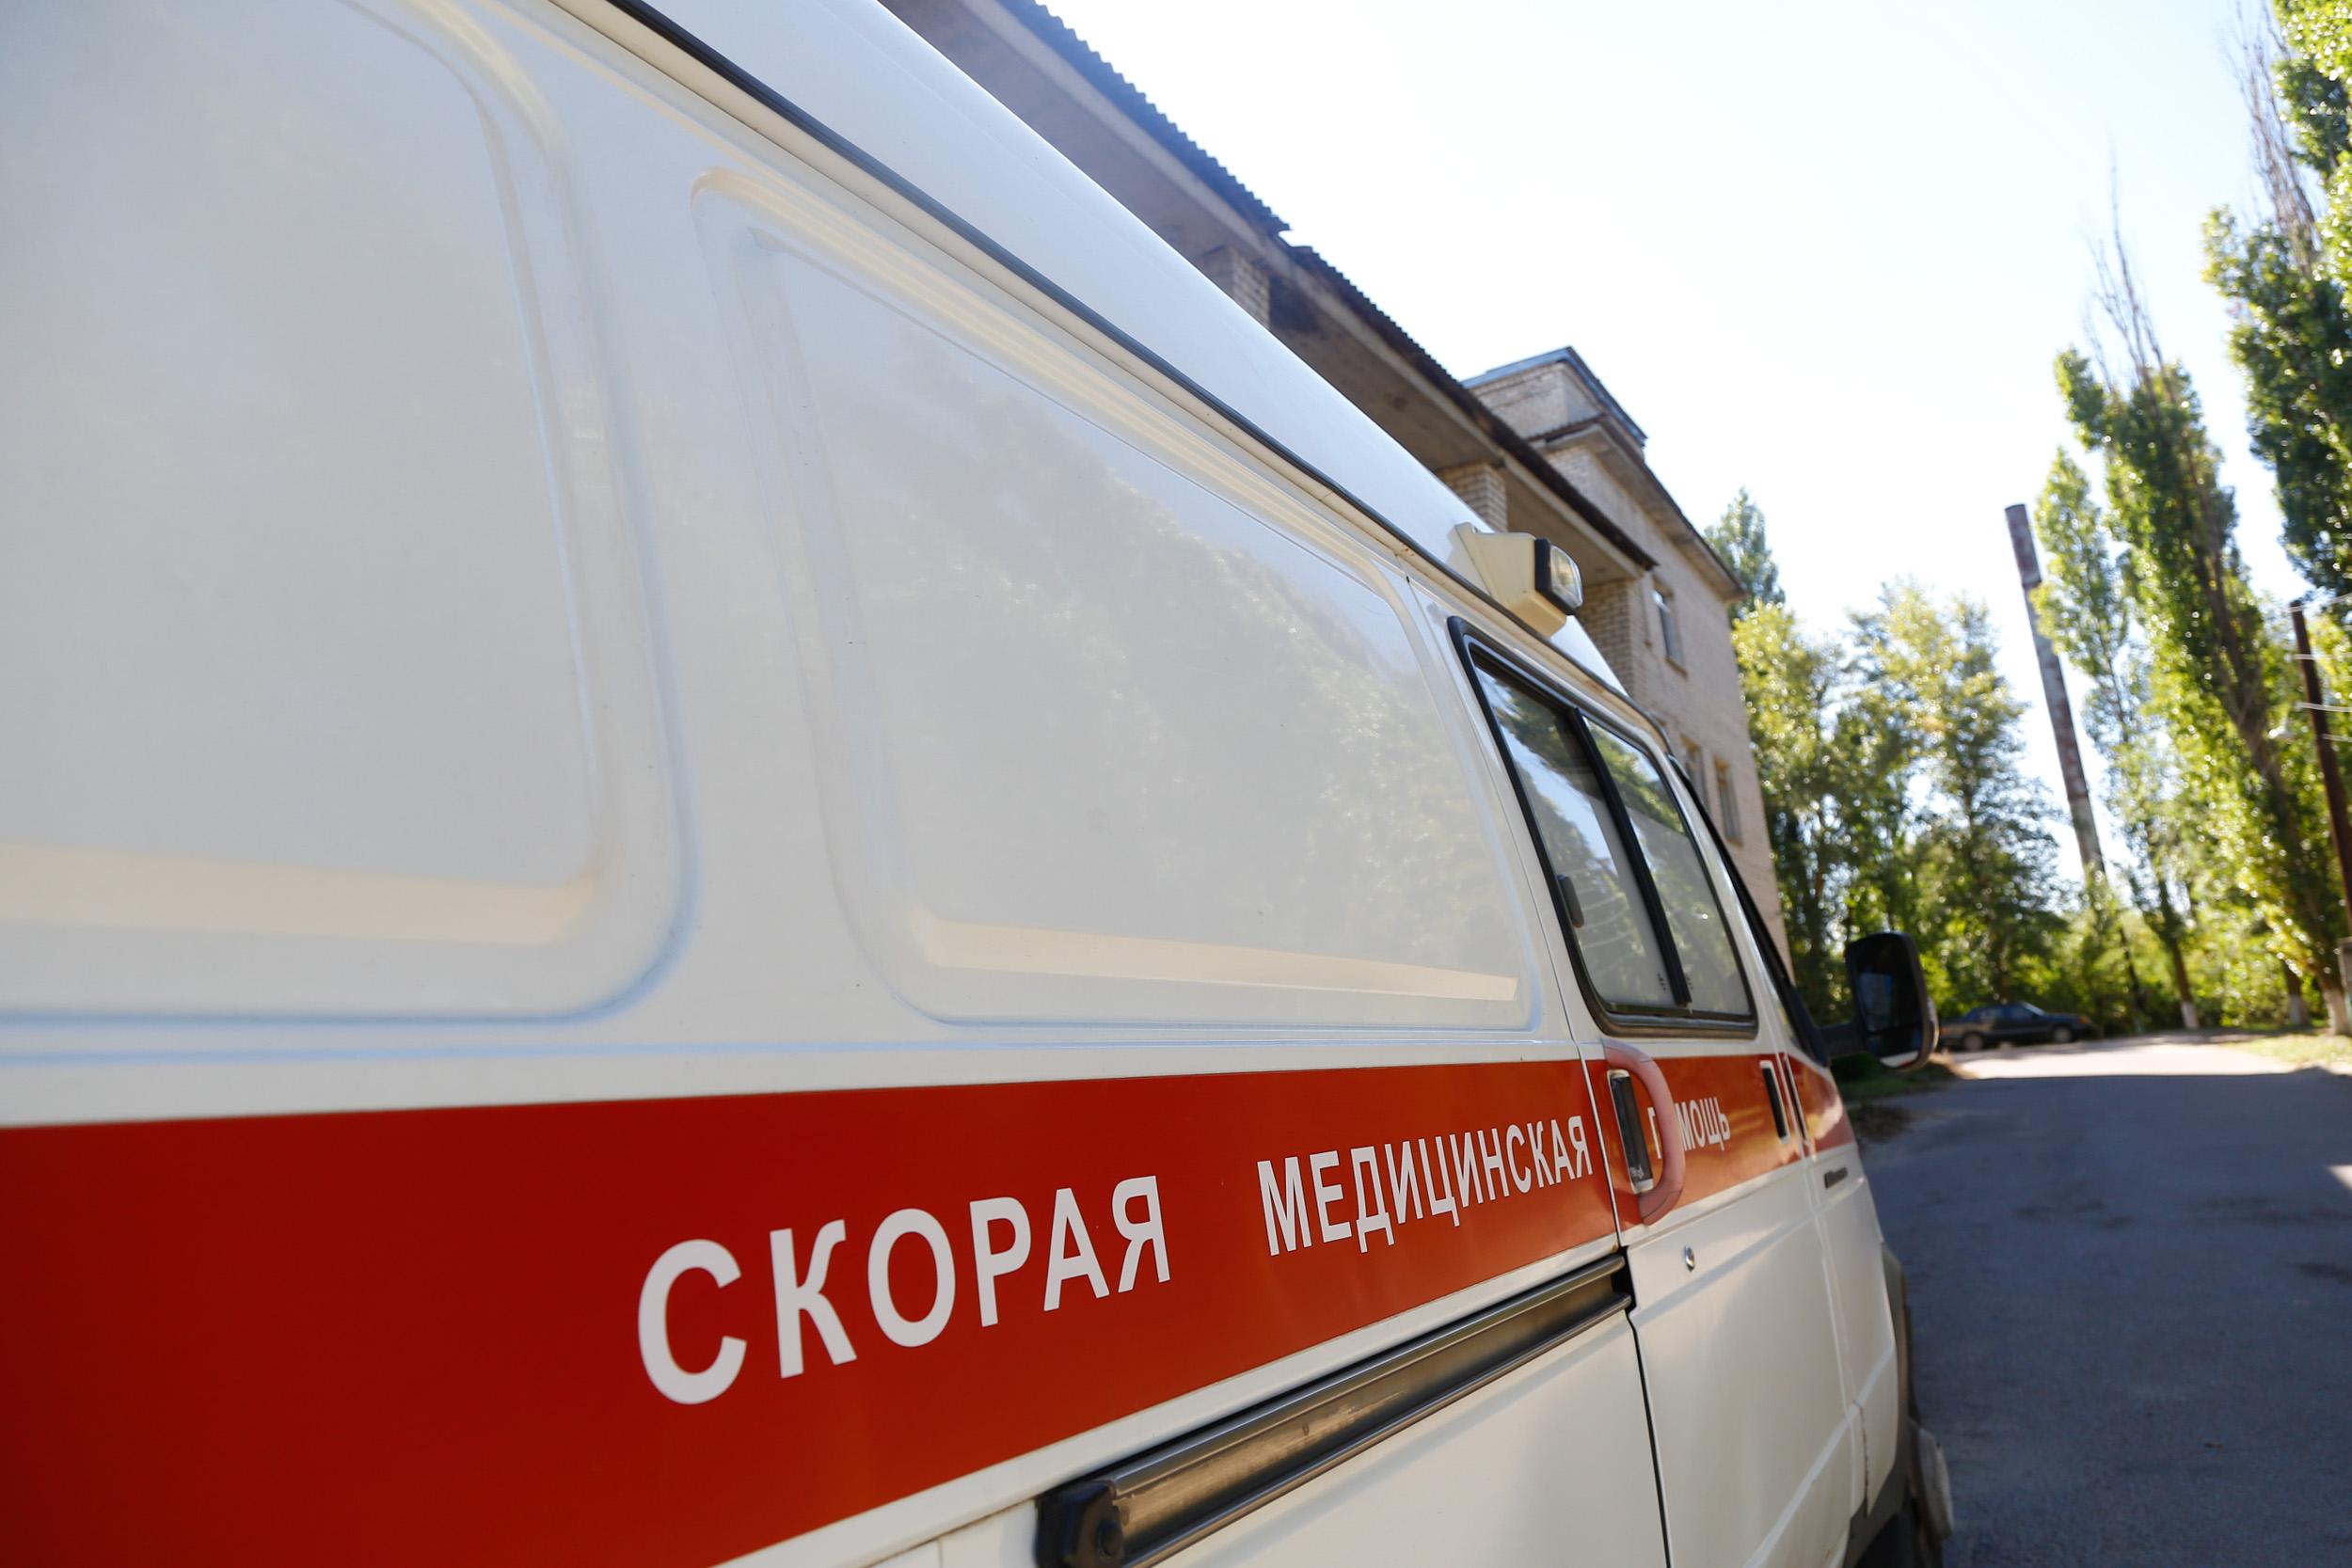 ВВолгограде 27-летний шофёр сбил 8-летнюю девочку